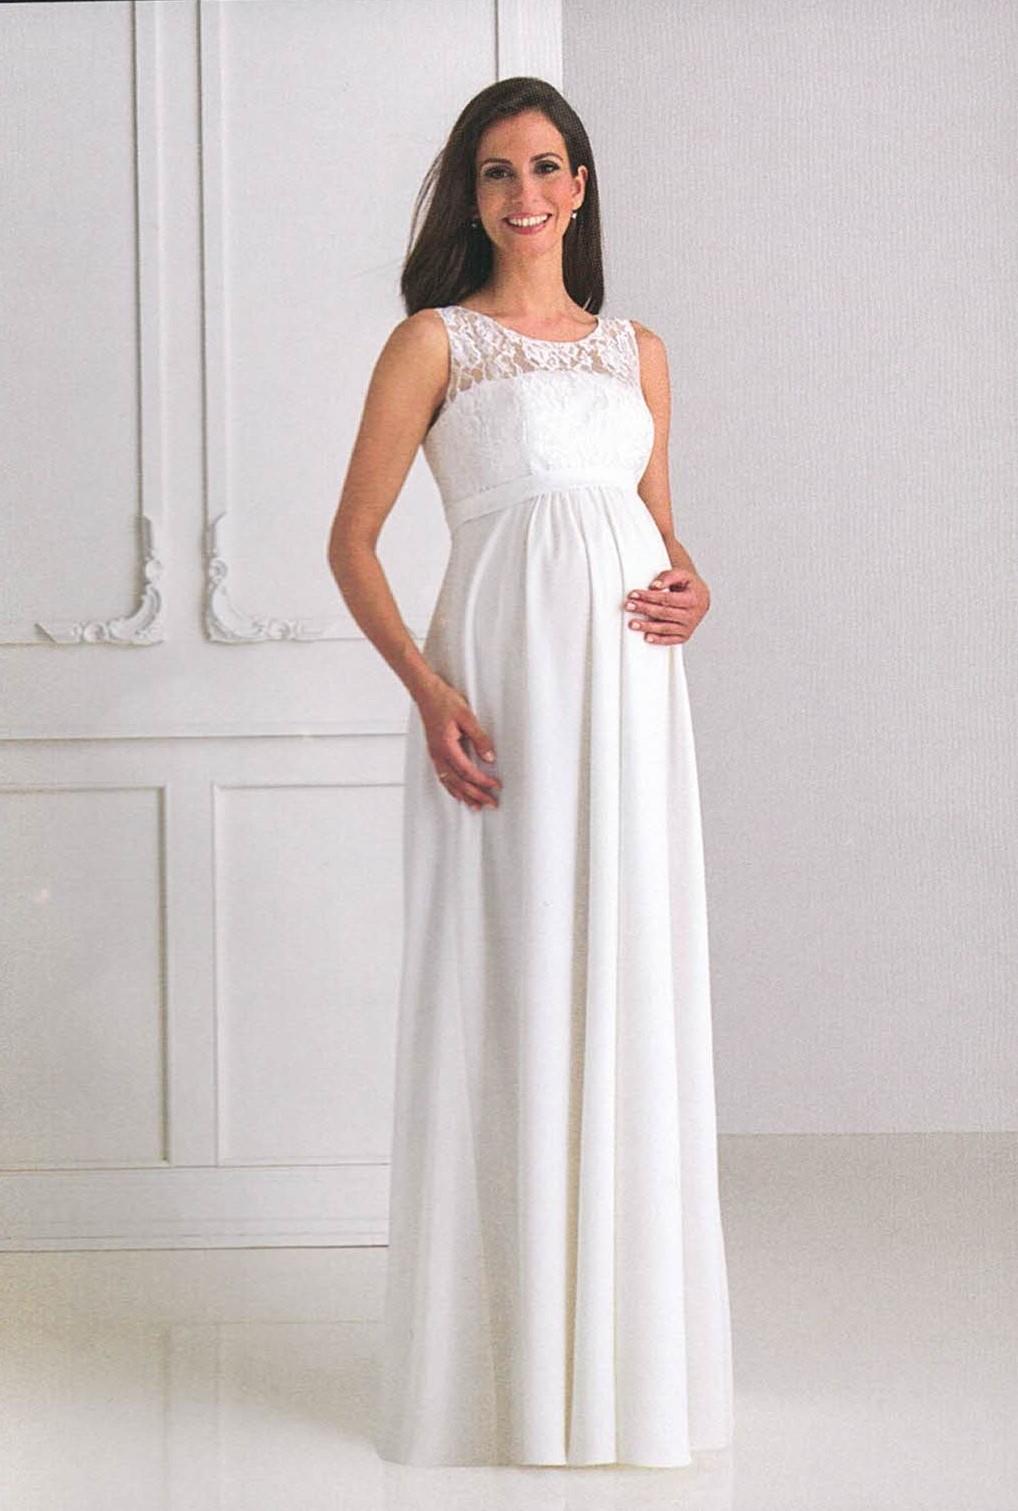 Brautkleider Hochzeitskleider Mode für schwangere langes Kleid mit Spitze ohne Ärmel und runder Ausschnitt